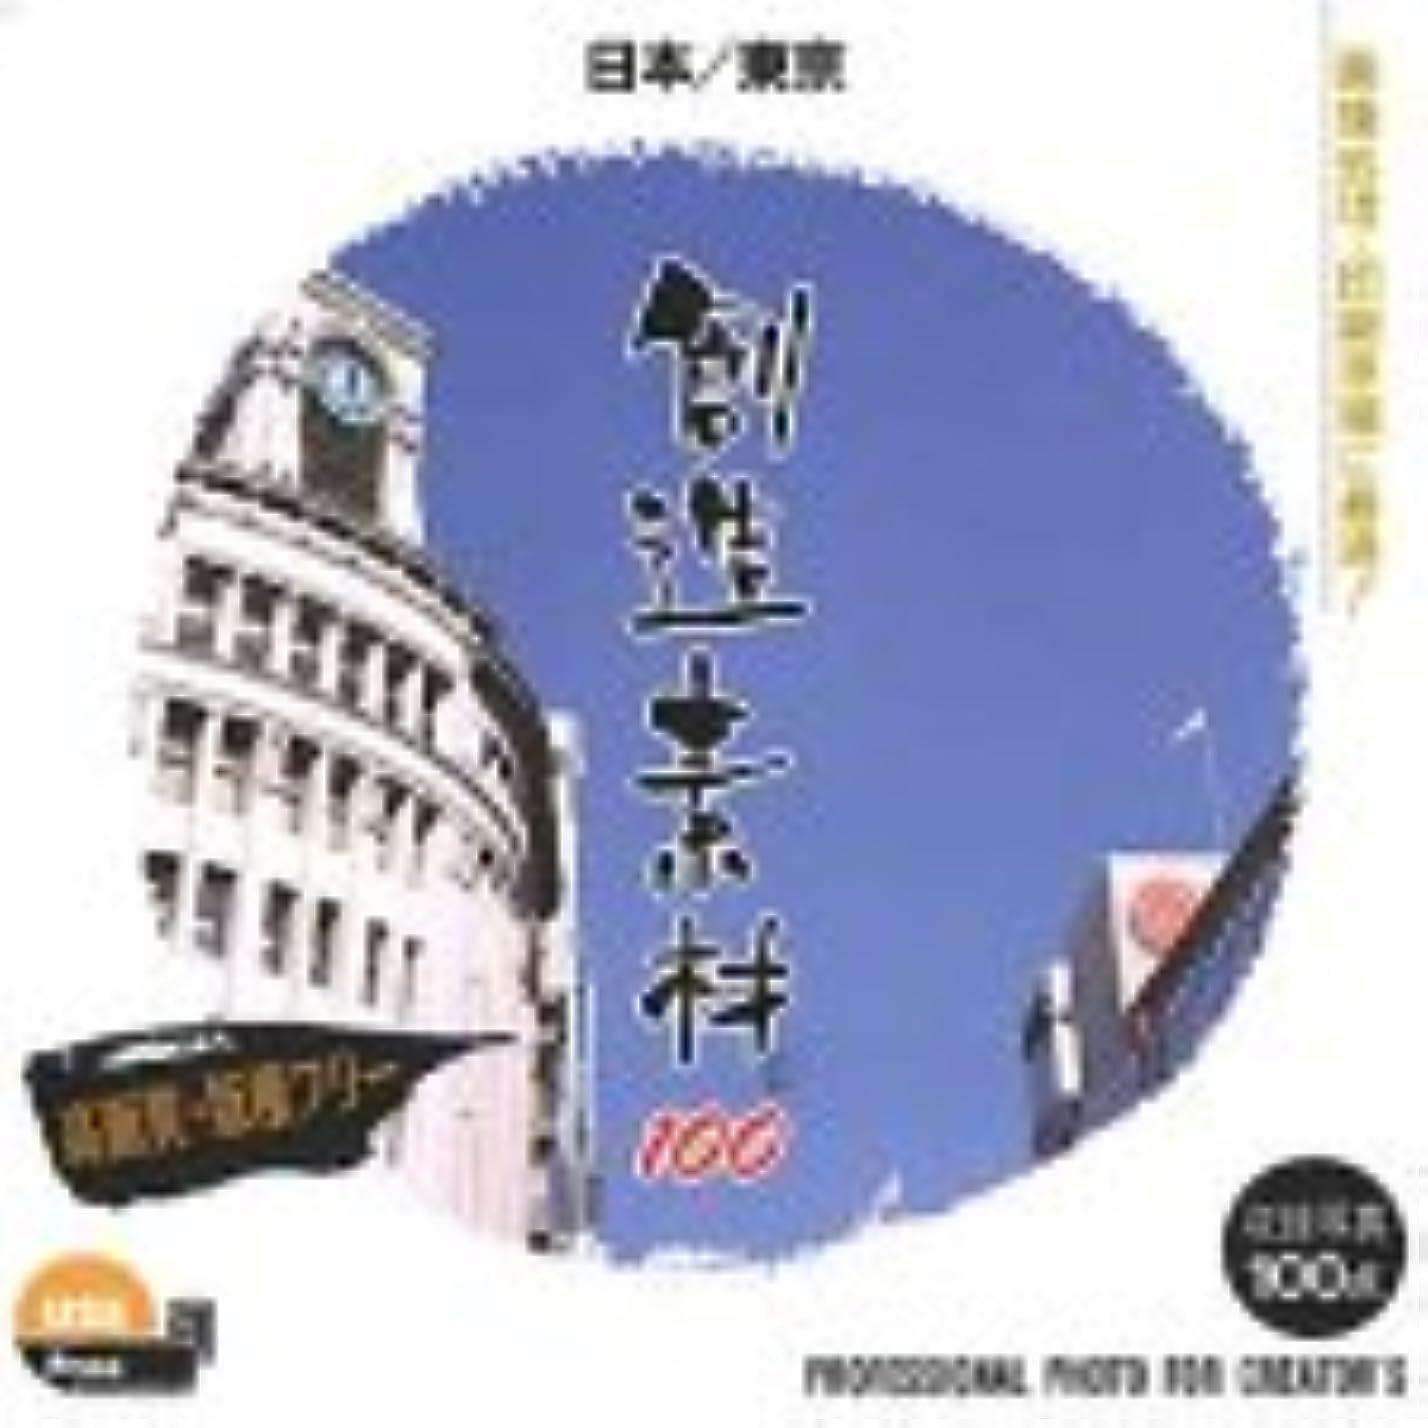 遠え奴隷ピカソ創造素材100 日本/東京